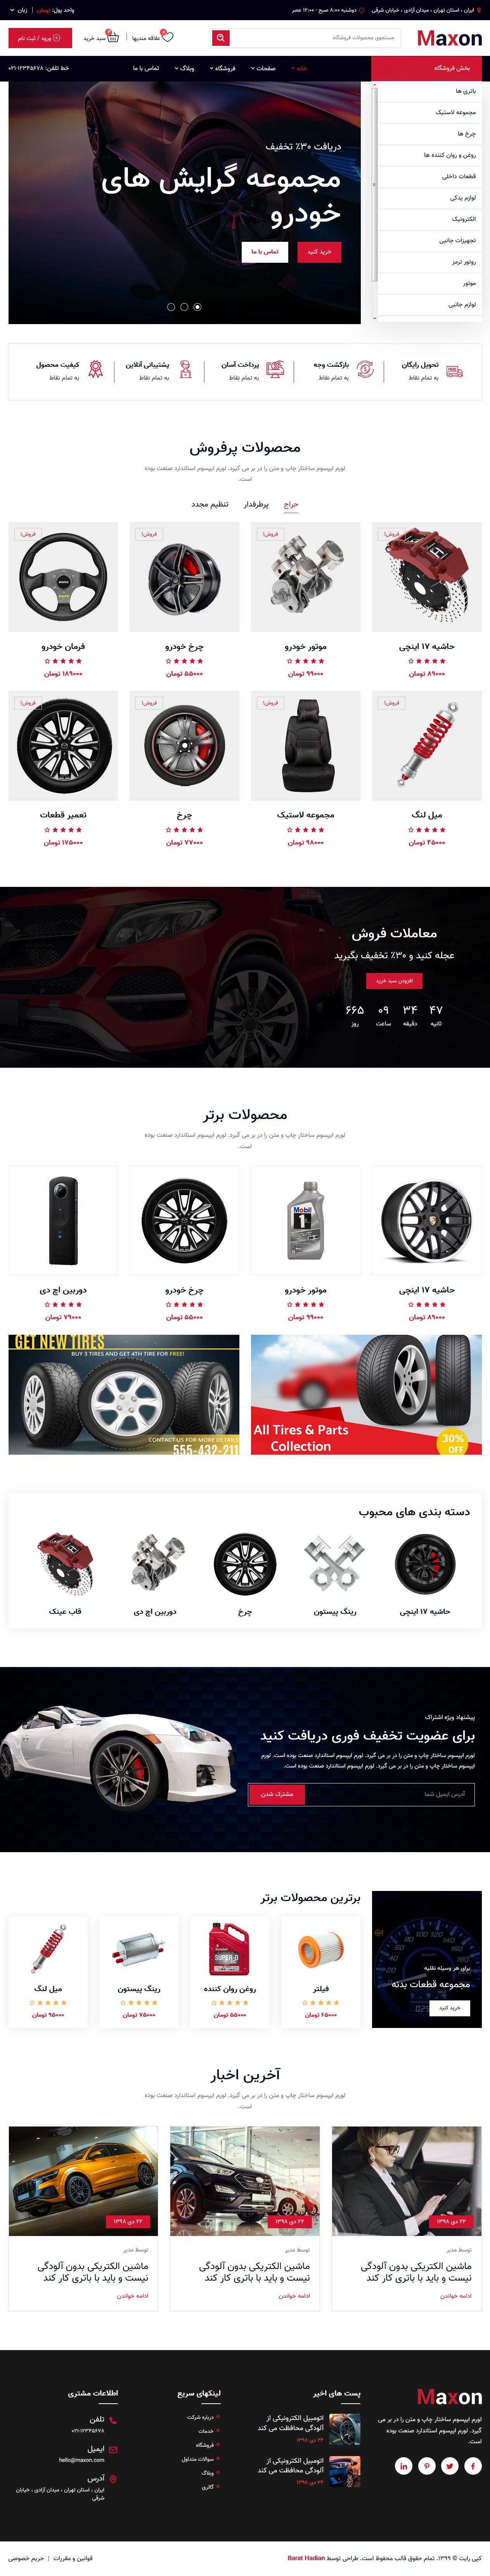 قالب HTML فروشگاهی لوازم یدکی اتومبیل ماکسون